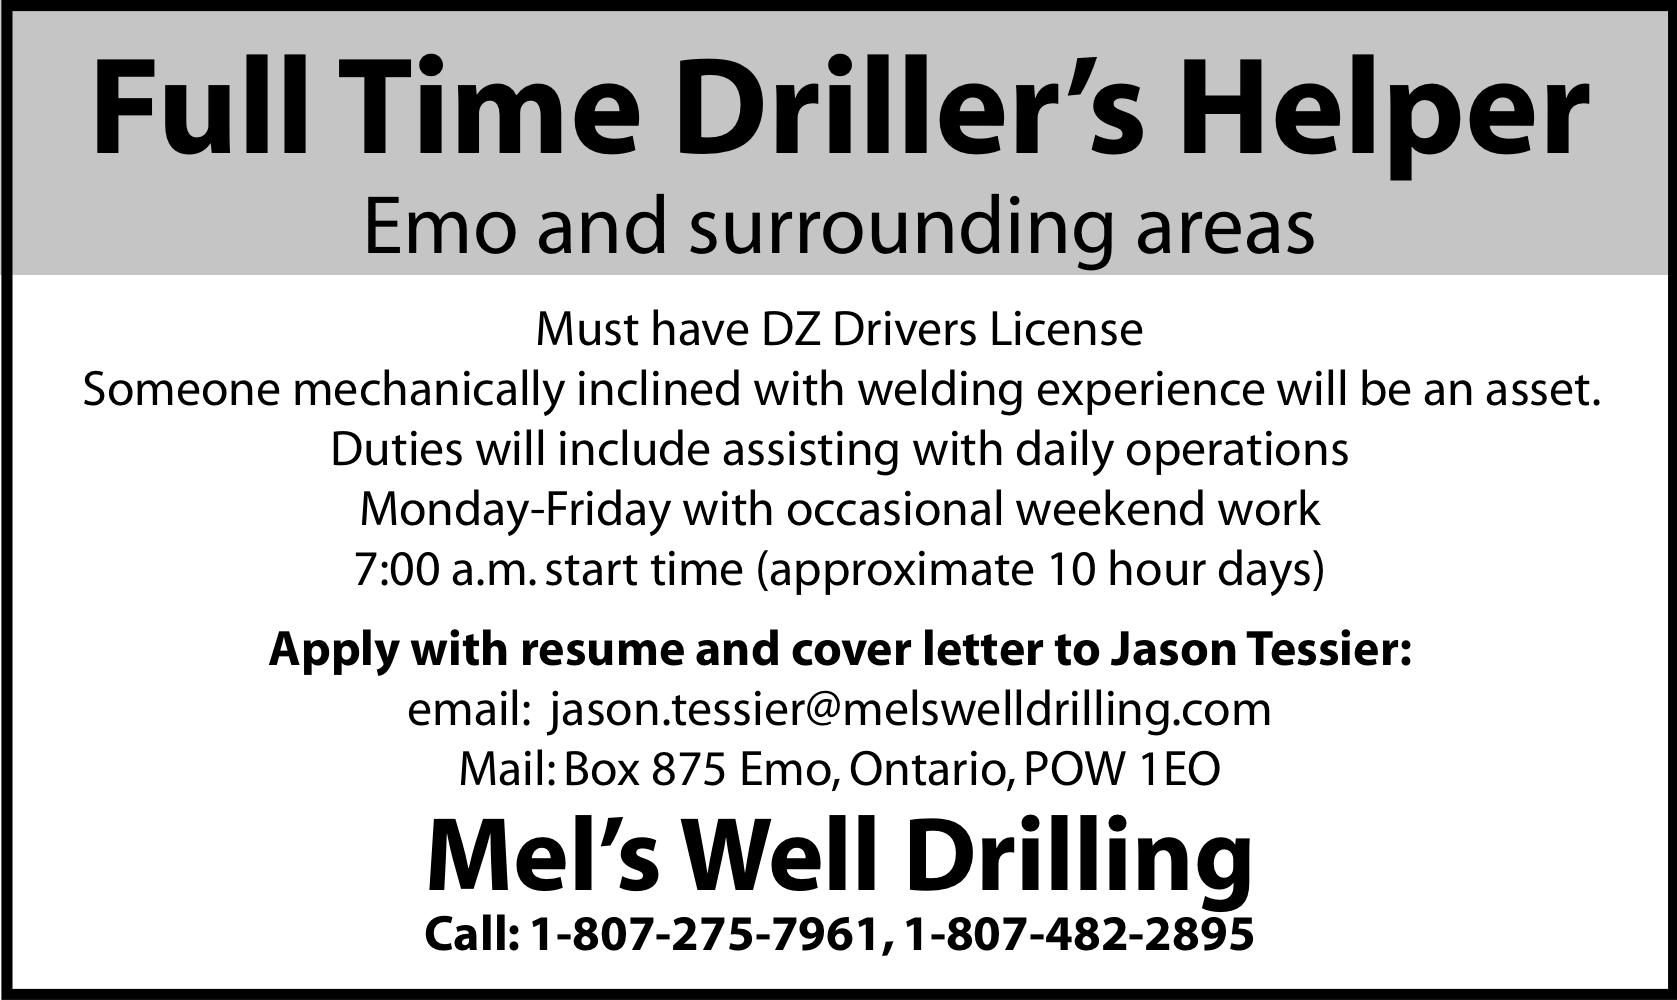 Full Time Driller's Helper